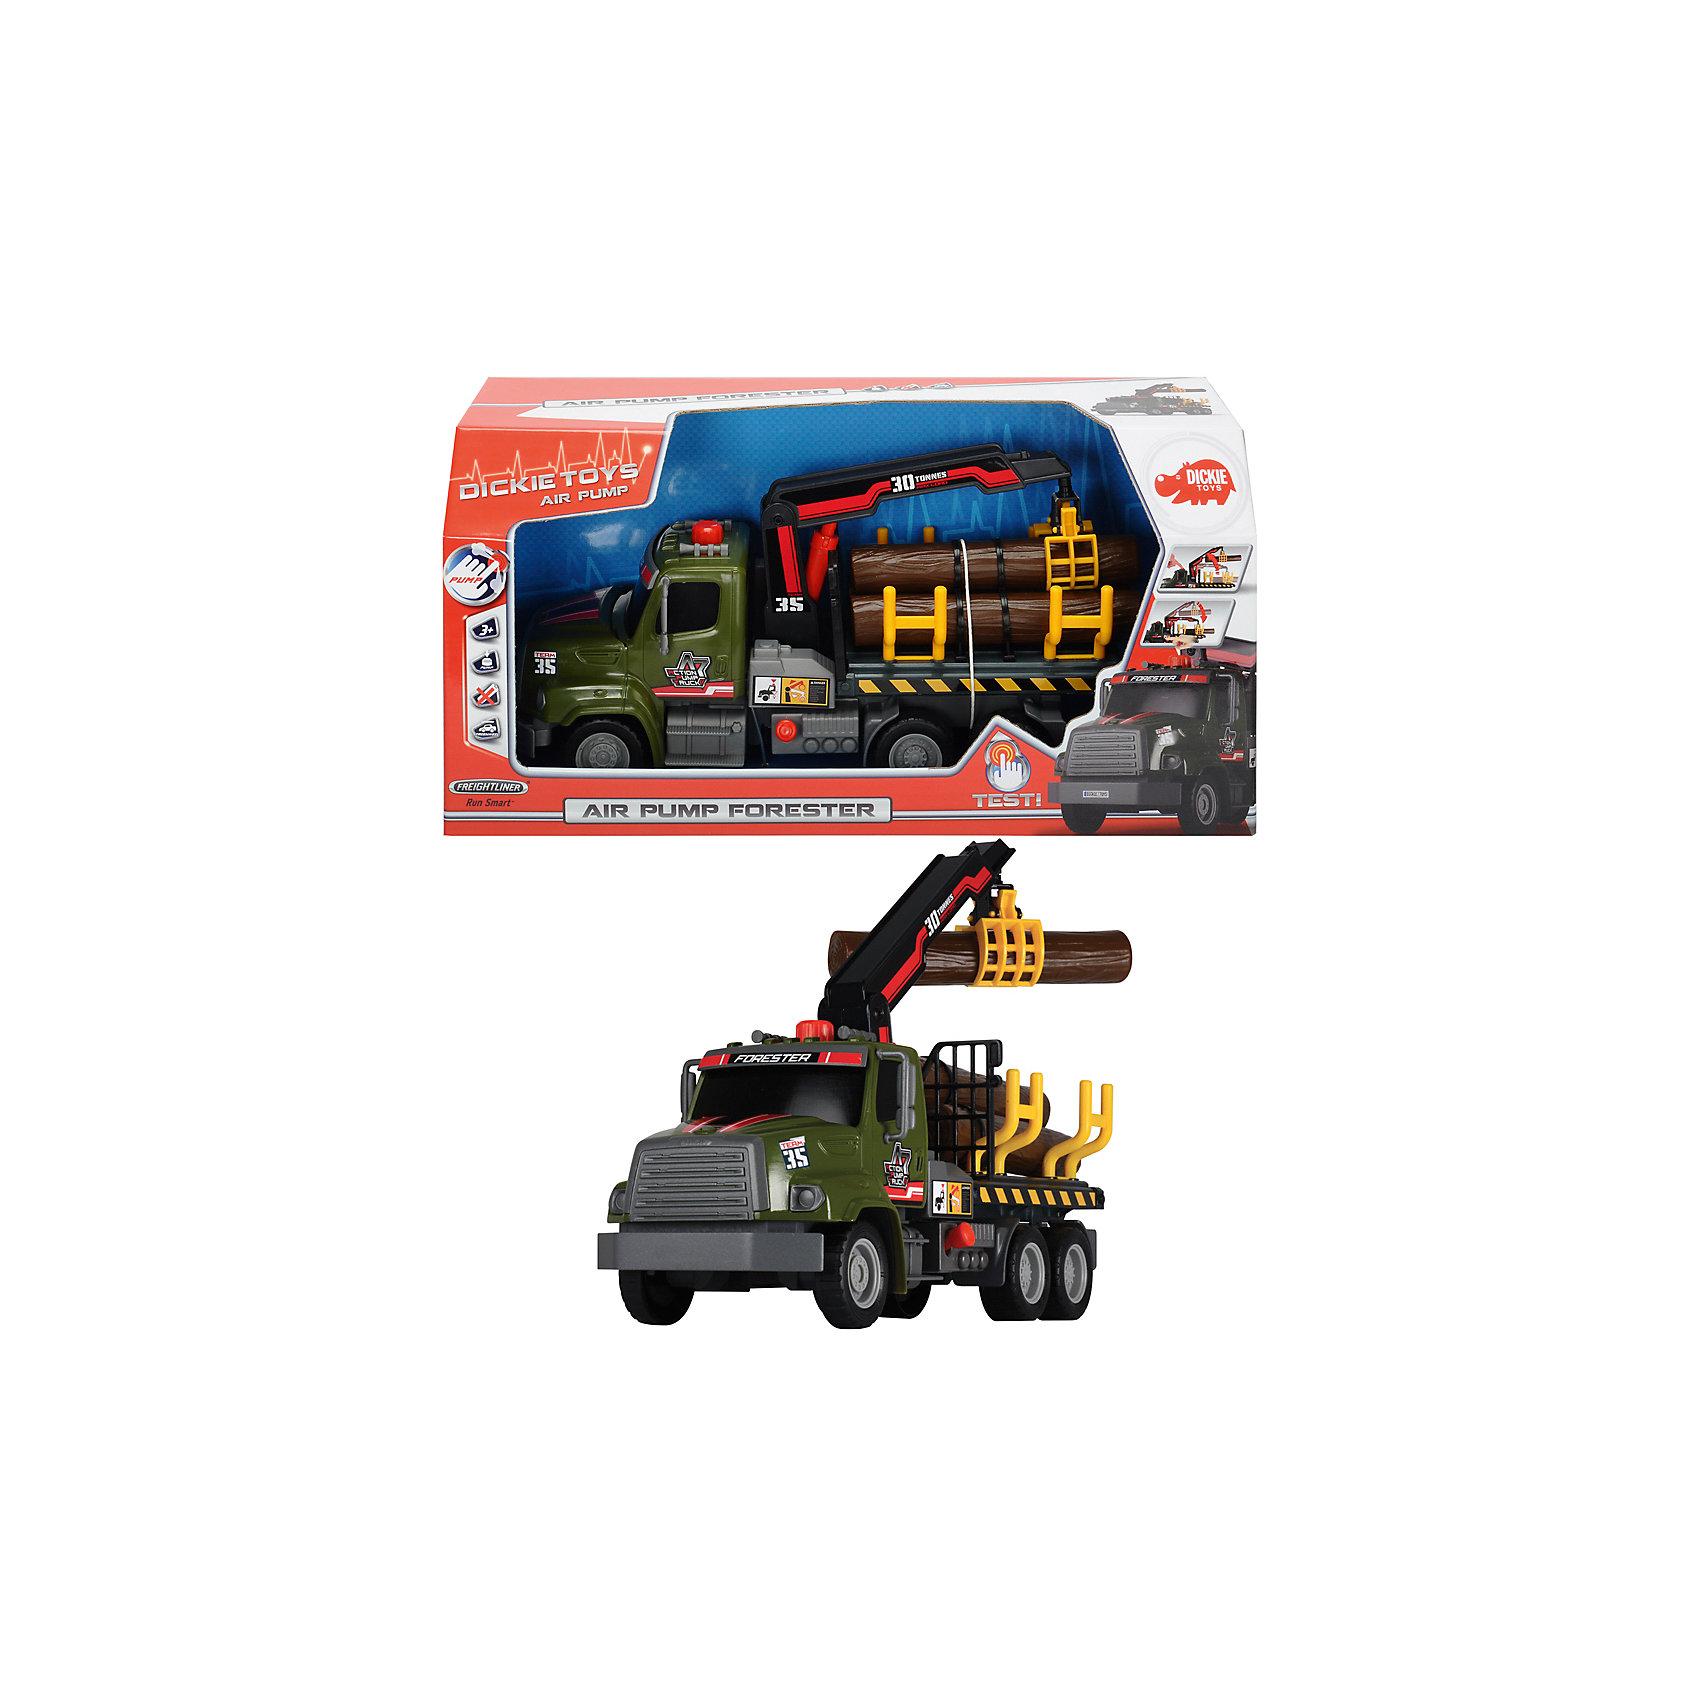 Грузовик с манипулятором, 32см, DickieМашинки<br>Многофункциональный грузовик, оснащенный погрузчиком обязательно понравится мальчикам. Машинка оснащена фрикционным механизмом и может двигаться самостоятельно в течение некоторого времени. Грузовик предназначен для обеспечения погрузочно-разгрузочных работ, поэтому снабжен подвижным краном с приспособлениями для захвата грузов.  Машина прекрасно детализирована, имеет специальные опоры для устойчивости и подвижные колеса с широкими рельефными протекторами. Игрушка выполнена из прочных экологичных материалов, в производстве которых использованы нетоксичные, безопасные красители. <br><br>Дополнительная информация:<br><br>- Материал: пластик, металл.<br>- Размер: 32 см.<br>- Подвижные колеса.<br>- Механизм захвата груза.<br>- Комплектация: груз, машинка. <br><br>Грузовик с манипулятором, 32см, Dickie (Дикки), можно купить в нашем магазине.<br><br>Ширина мм: 402<br>Глубина мм: 203<br>Высота мм: 134<br>Вес г: 696<br>Возраст от месяцев: 36<br>Возраст до месяцев: 84<br>Пол: Мужской<br>Возраст: Детский<br>SKU: 3816288